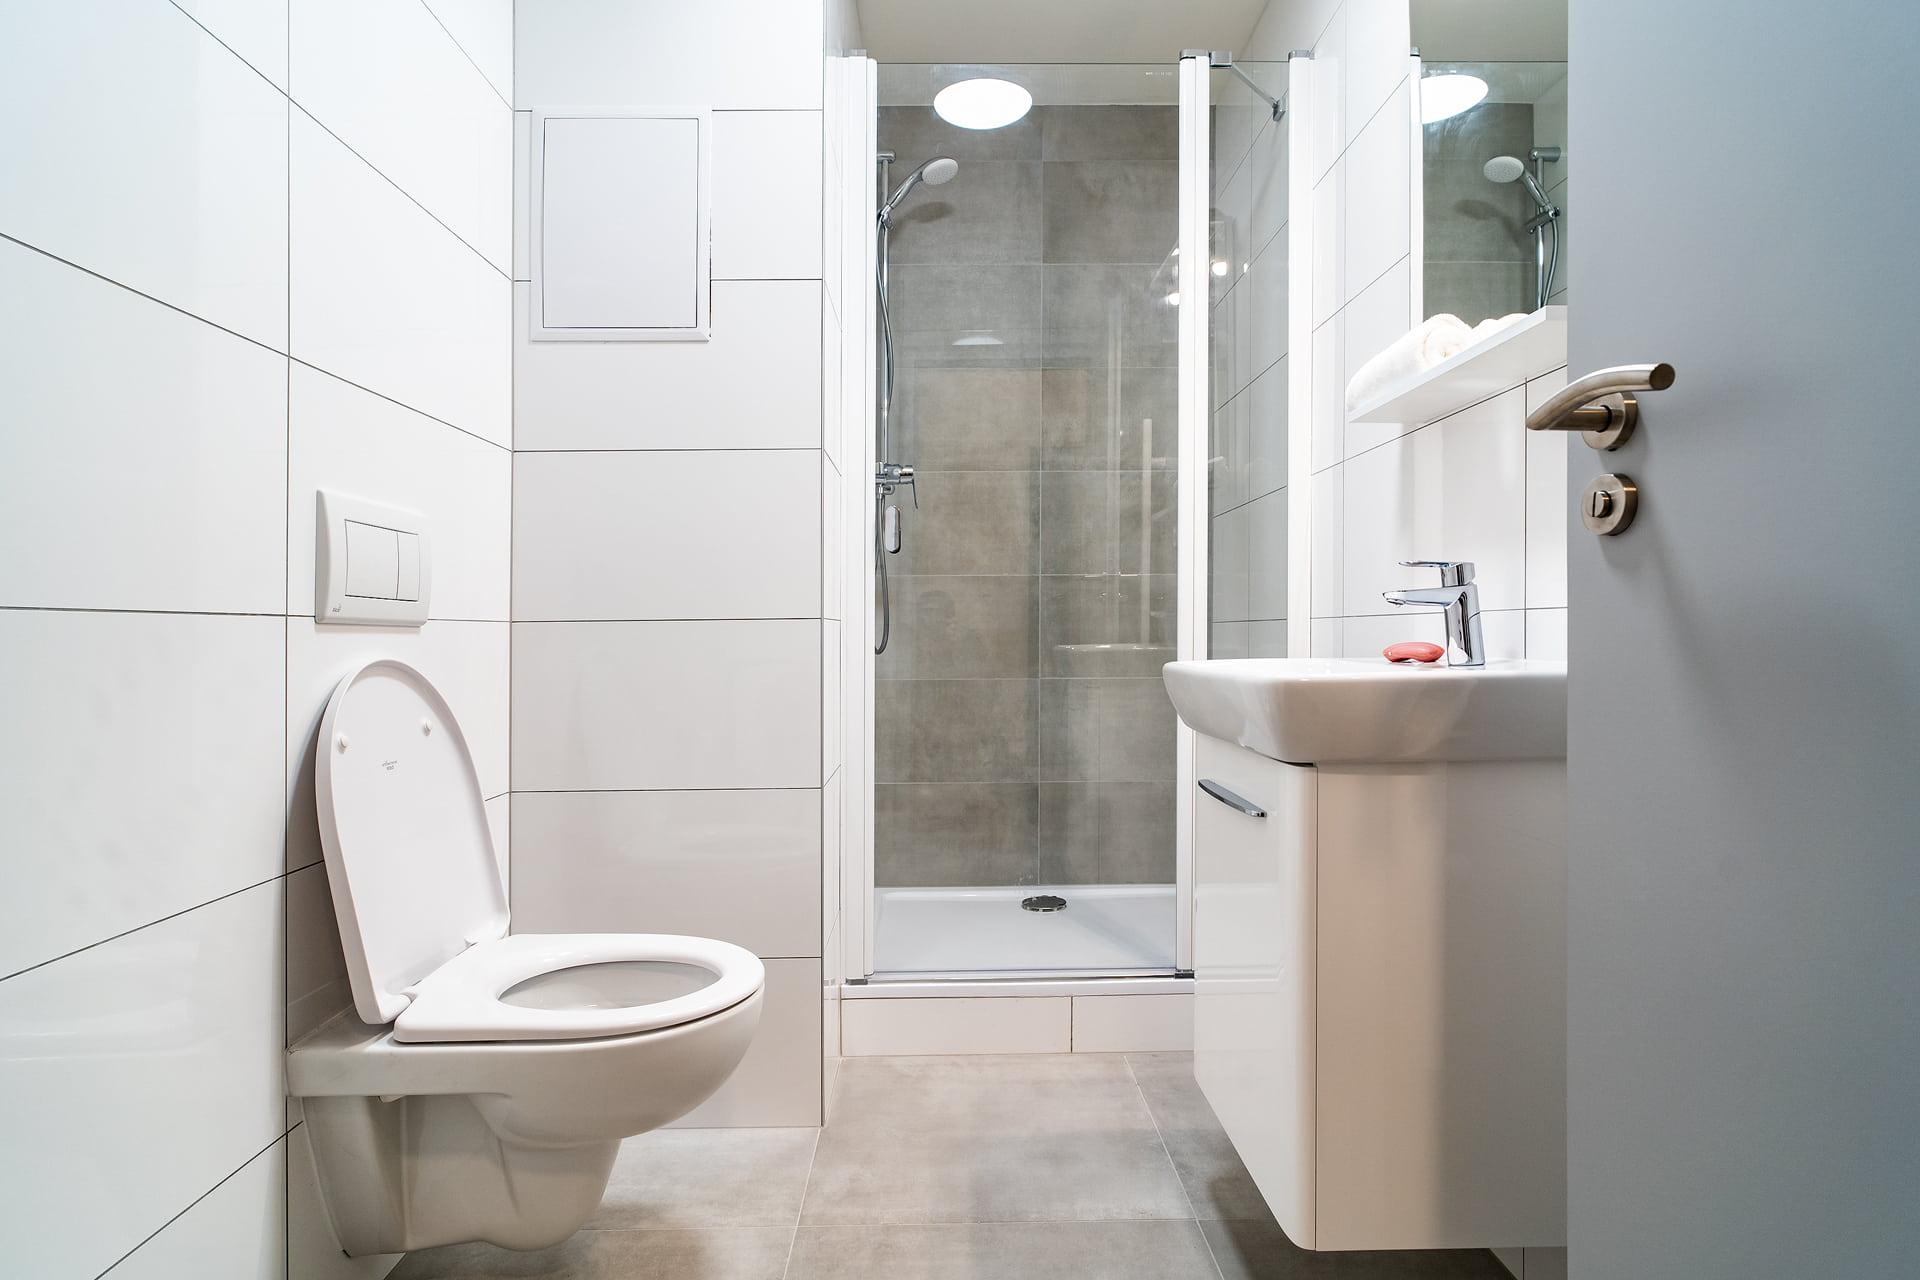 Bílé koupelny v bytovém domě